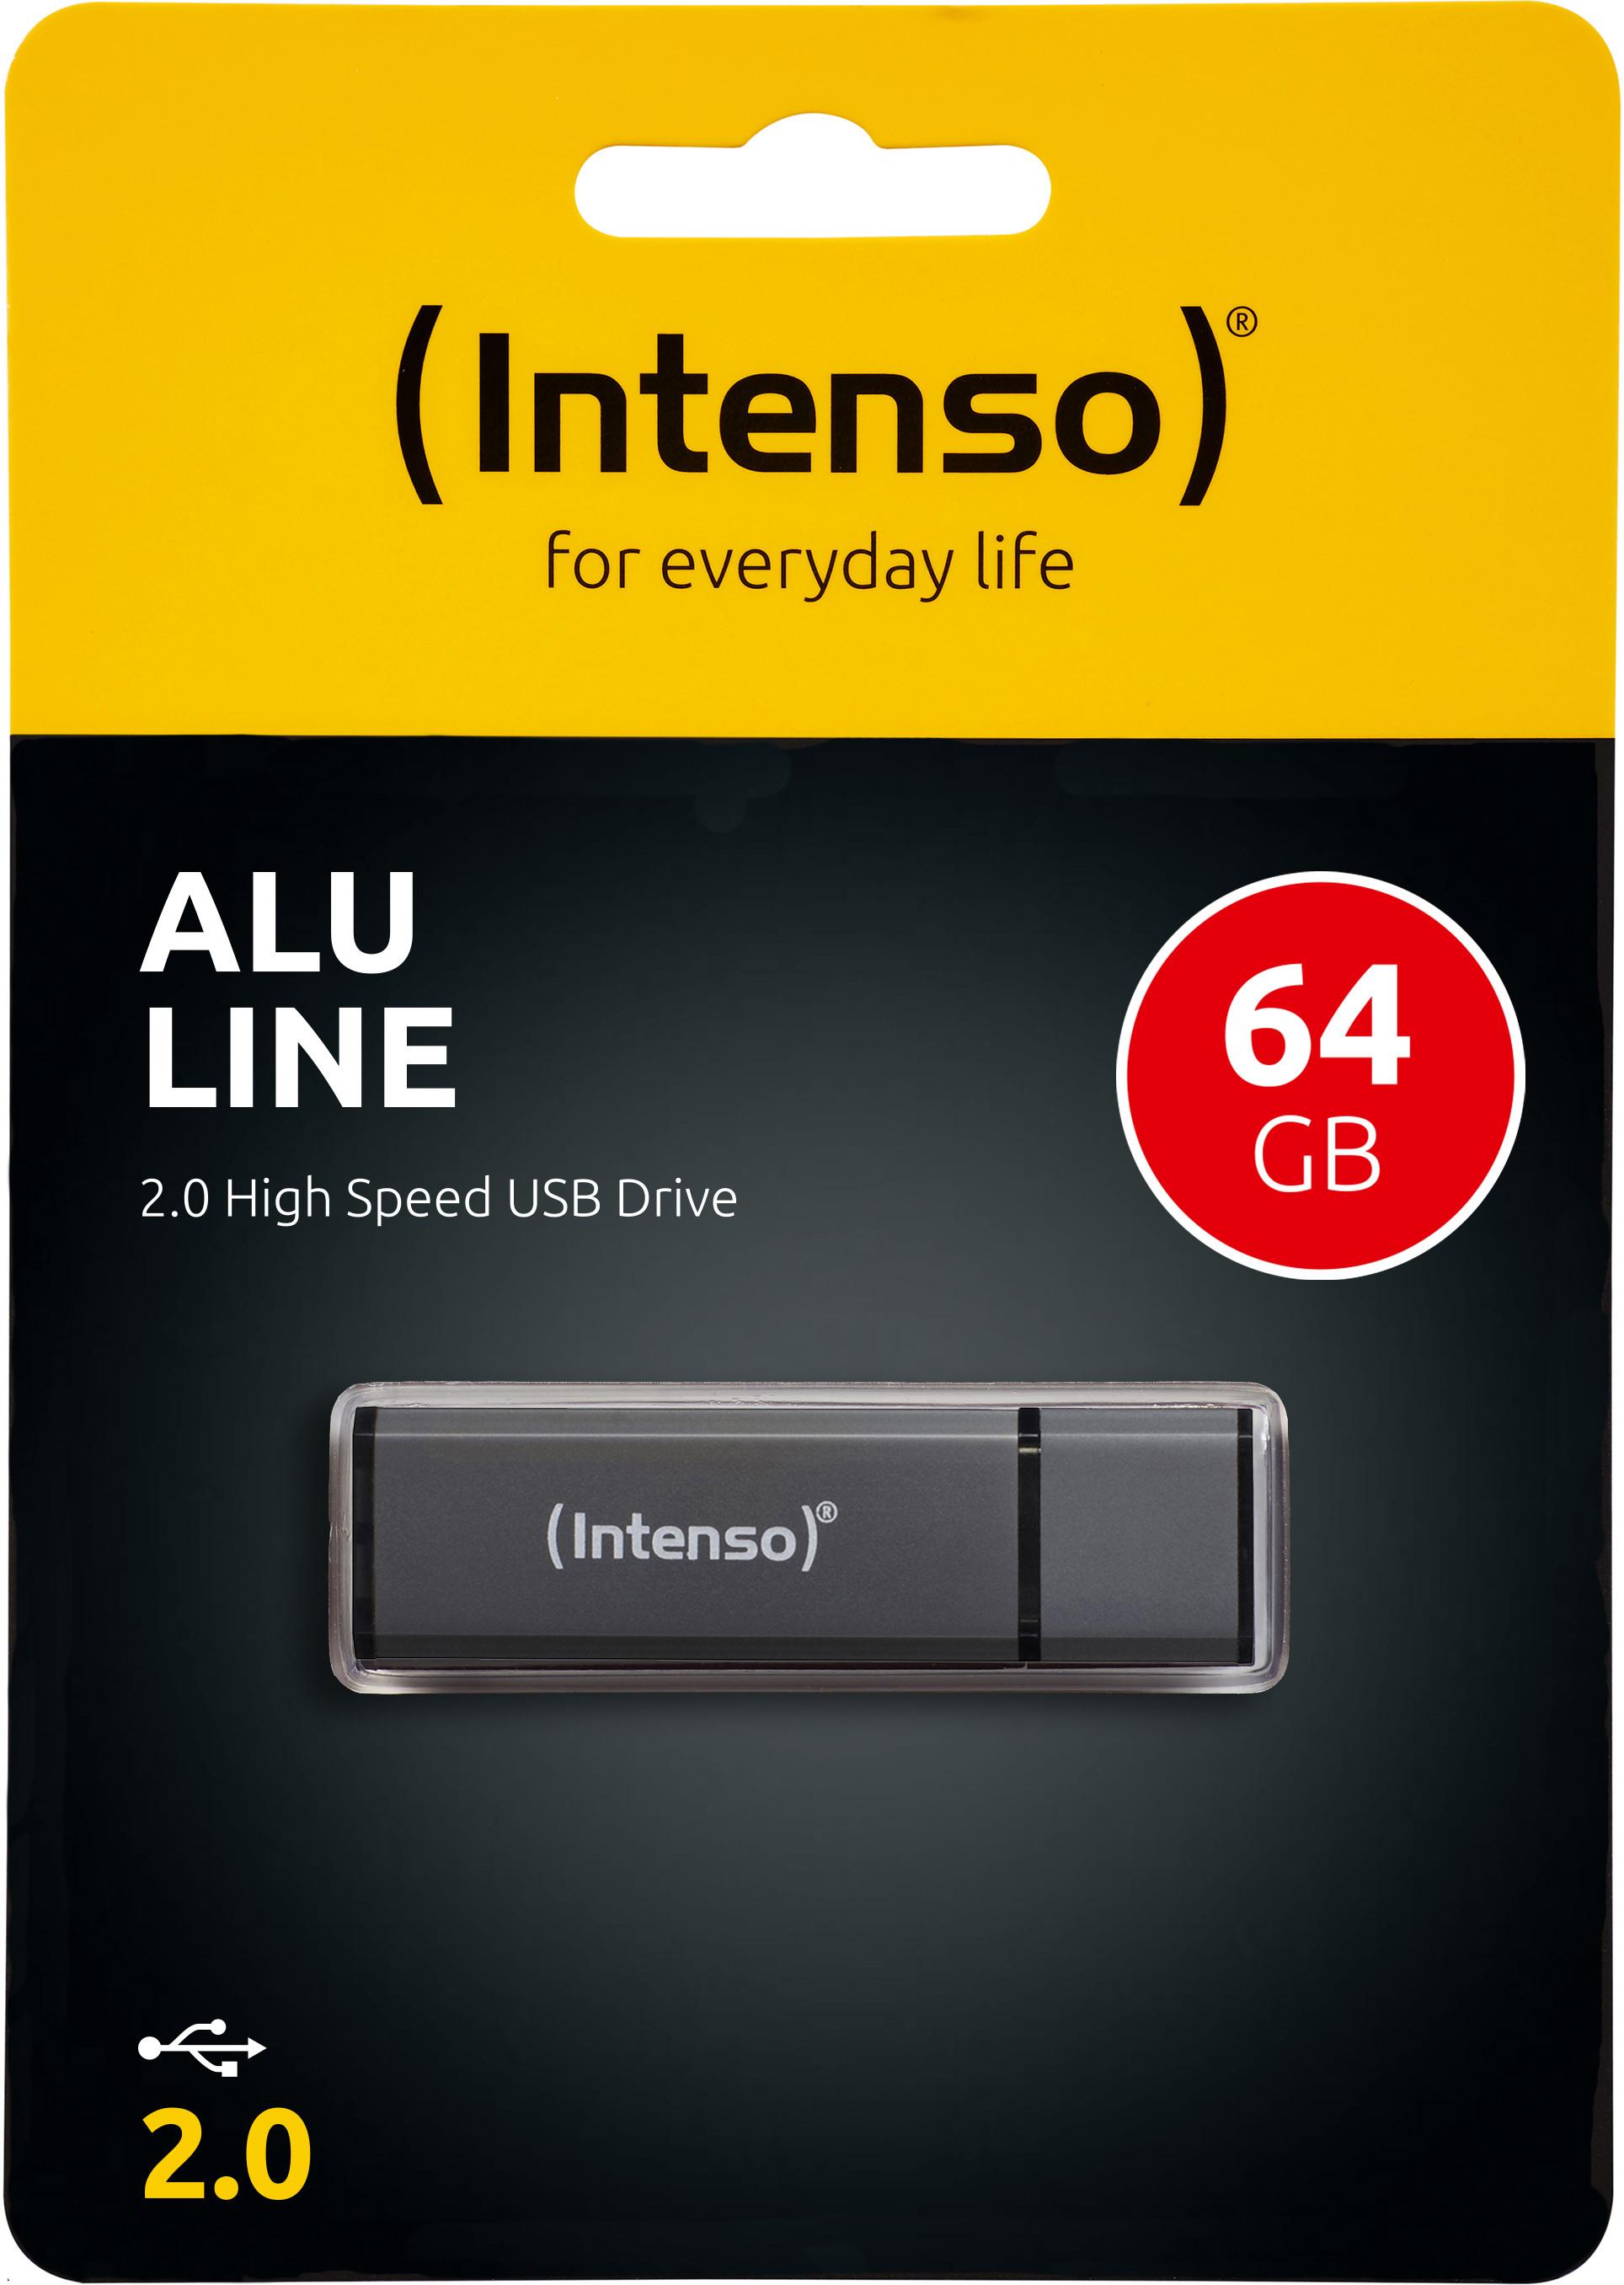 INTENSO USB Stick Alu Line 64GB 3521491 USB 2.0 antracite